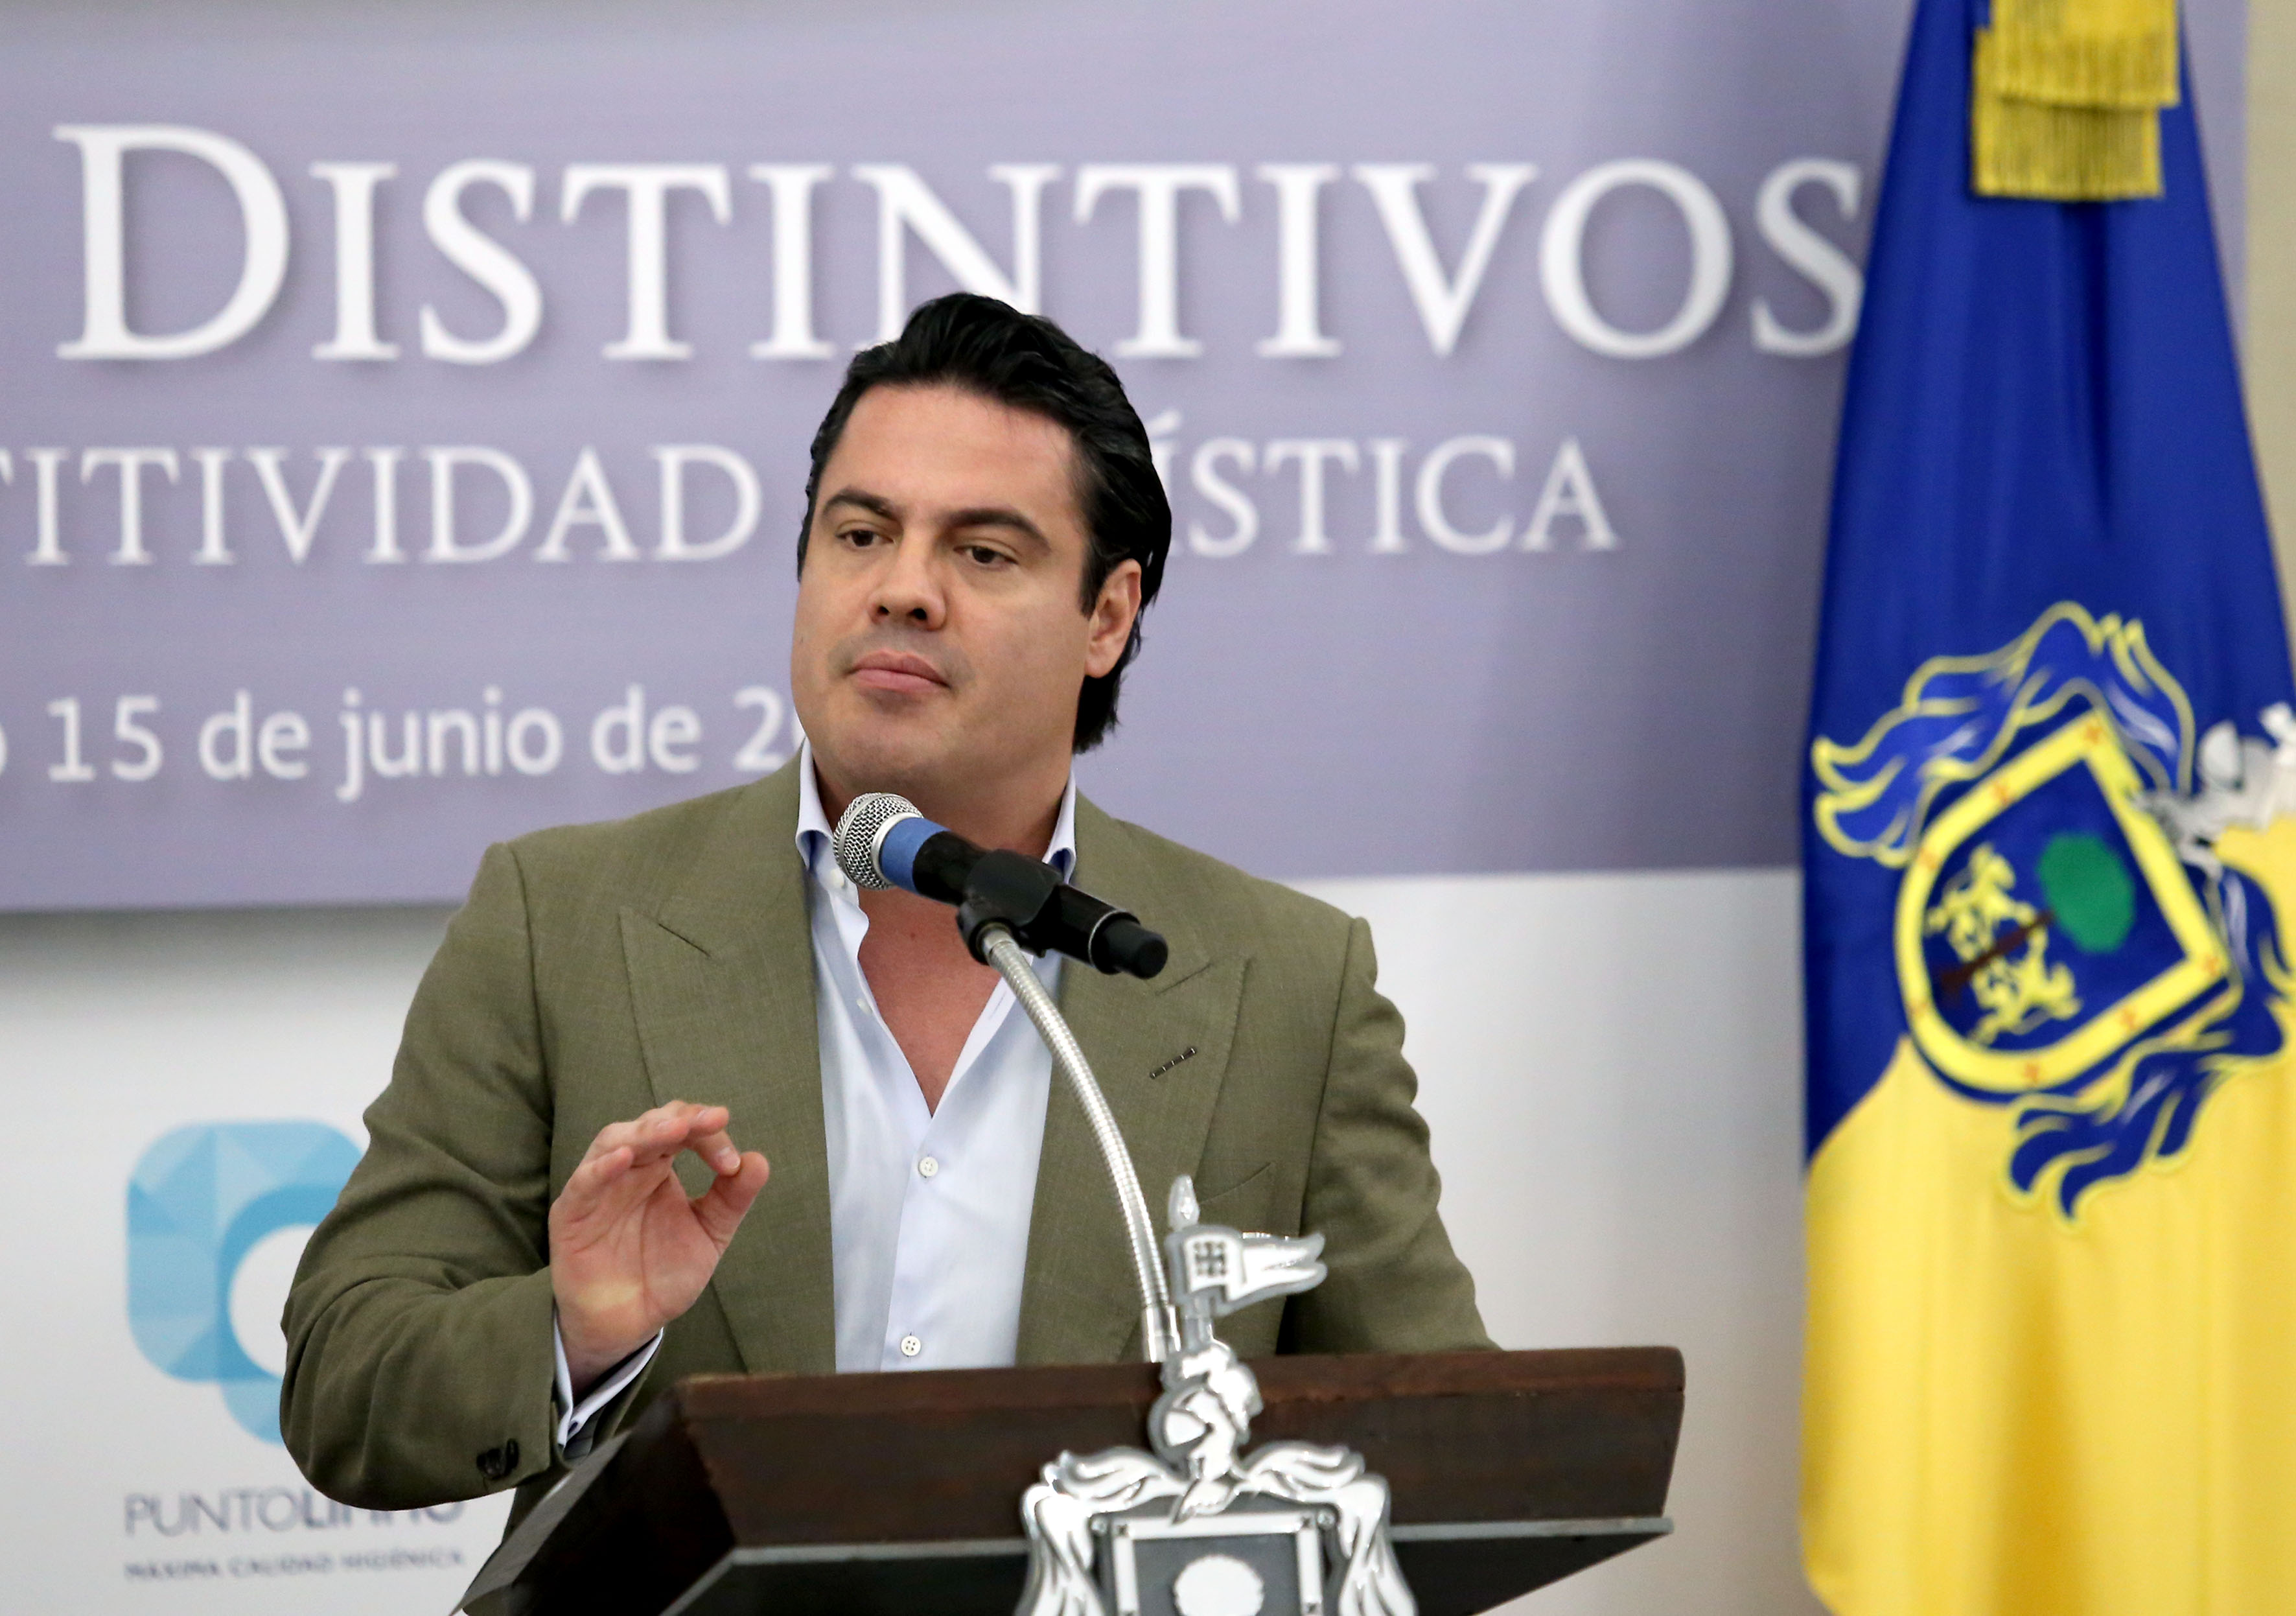 Maestro Jorge Aristóteles Sandoval Díaz, Gobernador del Estado de Jalisco, participando en la ceremonia.